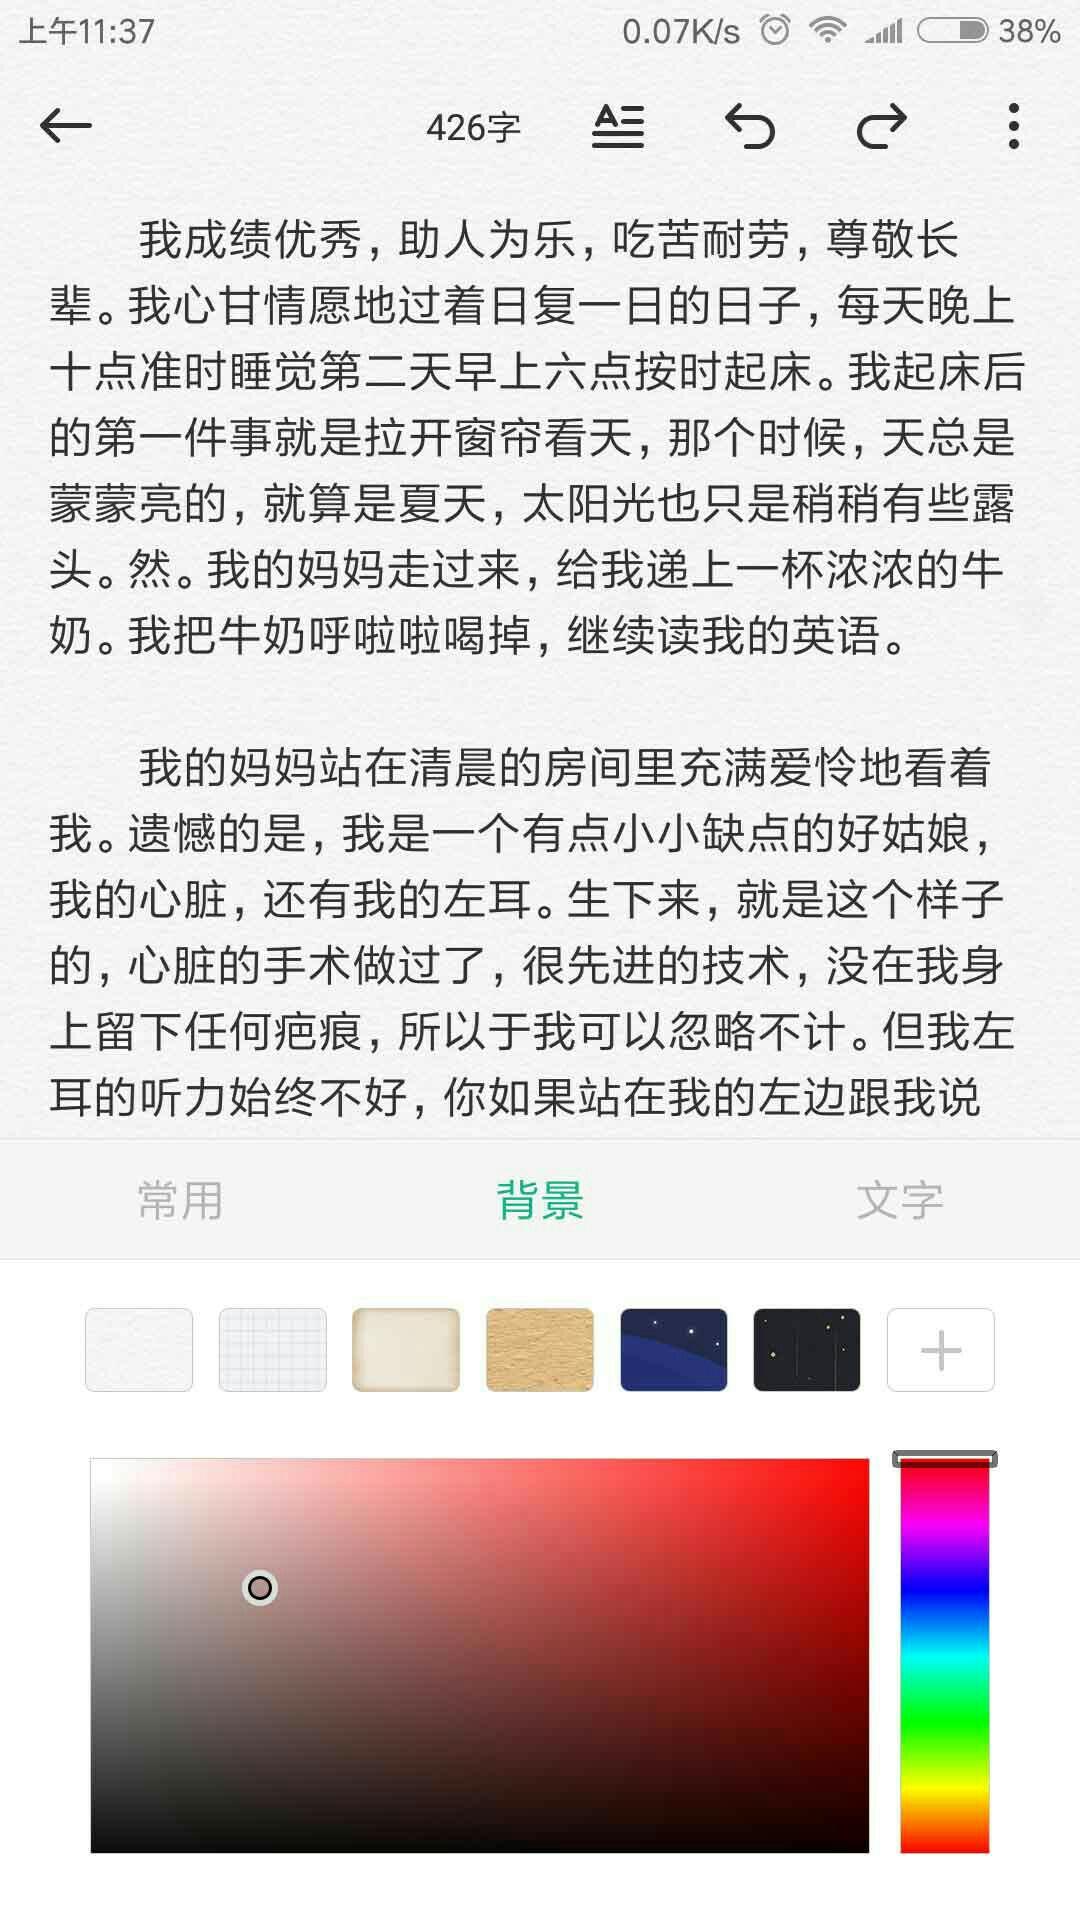 【资源分享】口袋写作-爱小助